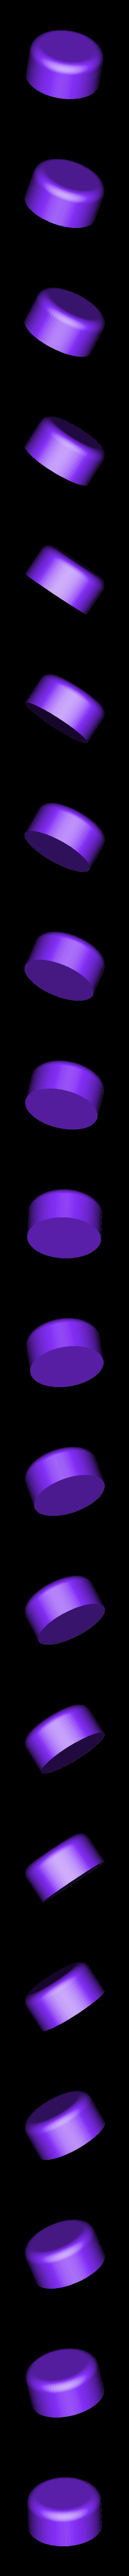 8.stl Télécharger fichier STL gratuit Articulations de la voûte plantaire • Design pour impression 3D, indigo4